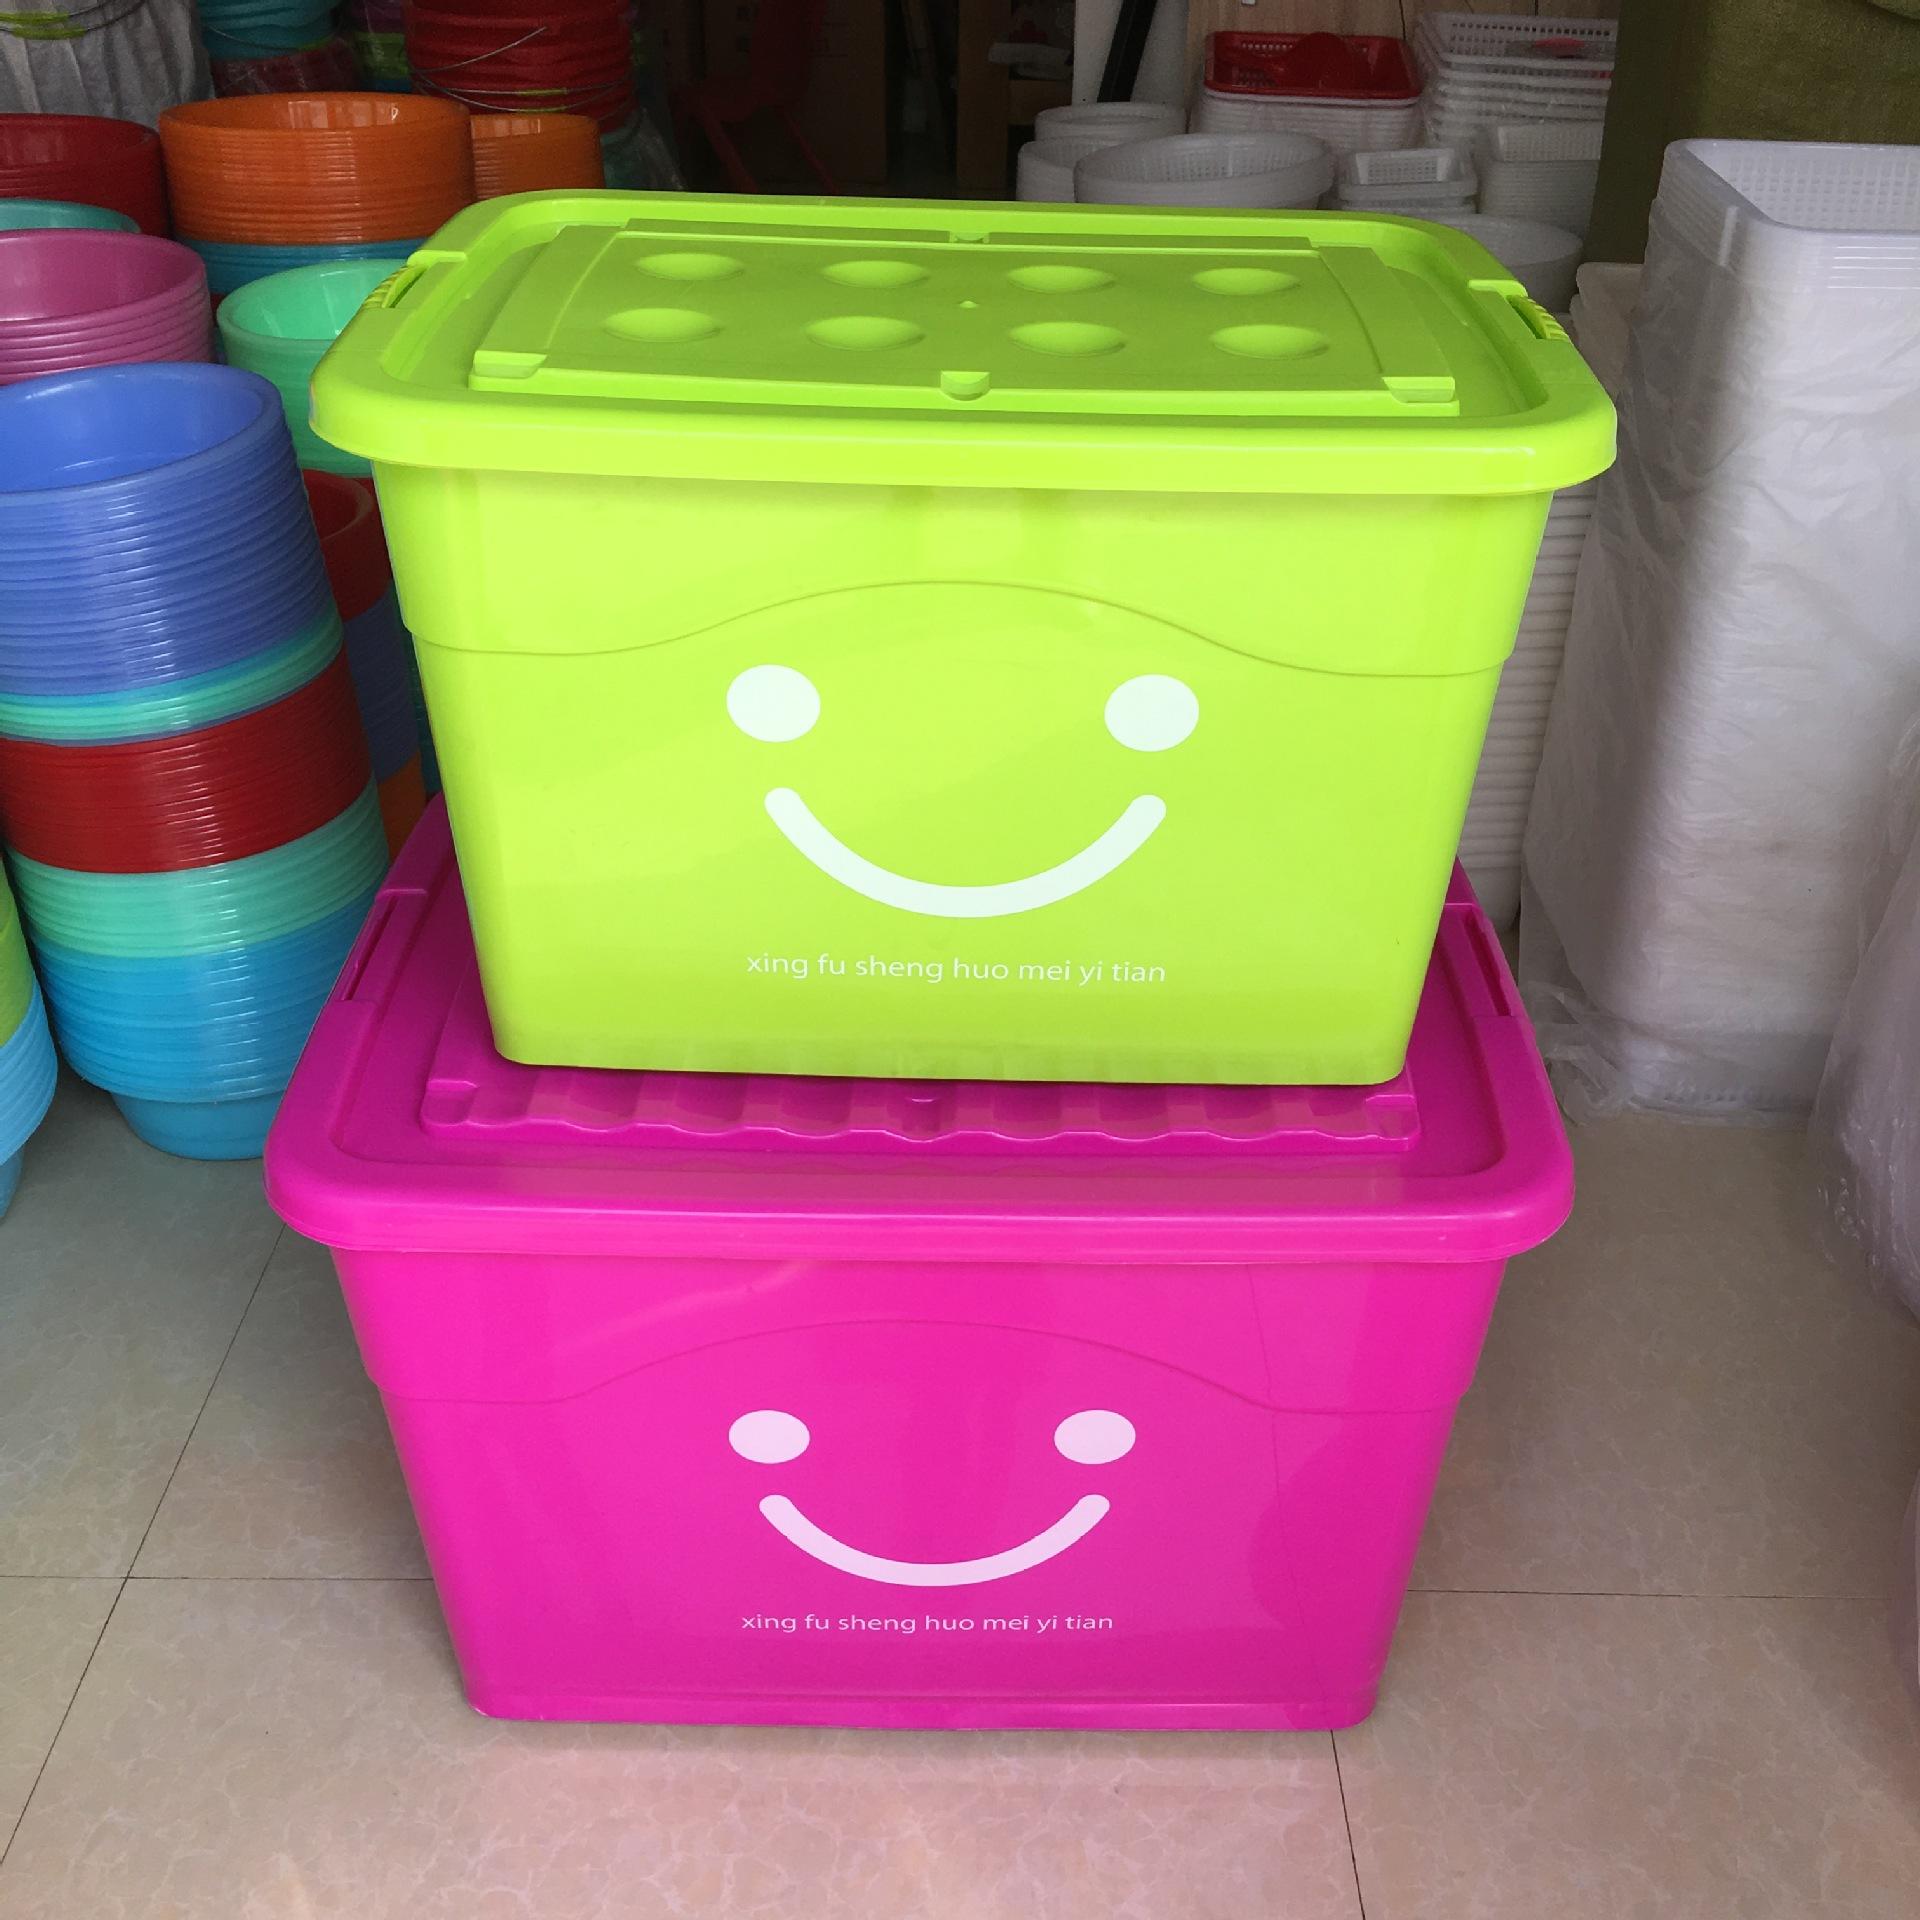 家居用品整理箱 大号收纳箱 加厚衣服塑料盒子 玩具收纳箱置物箱